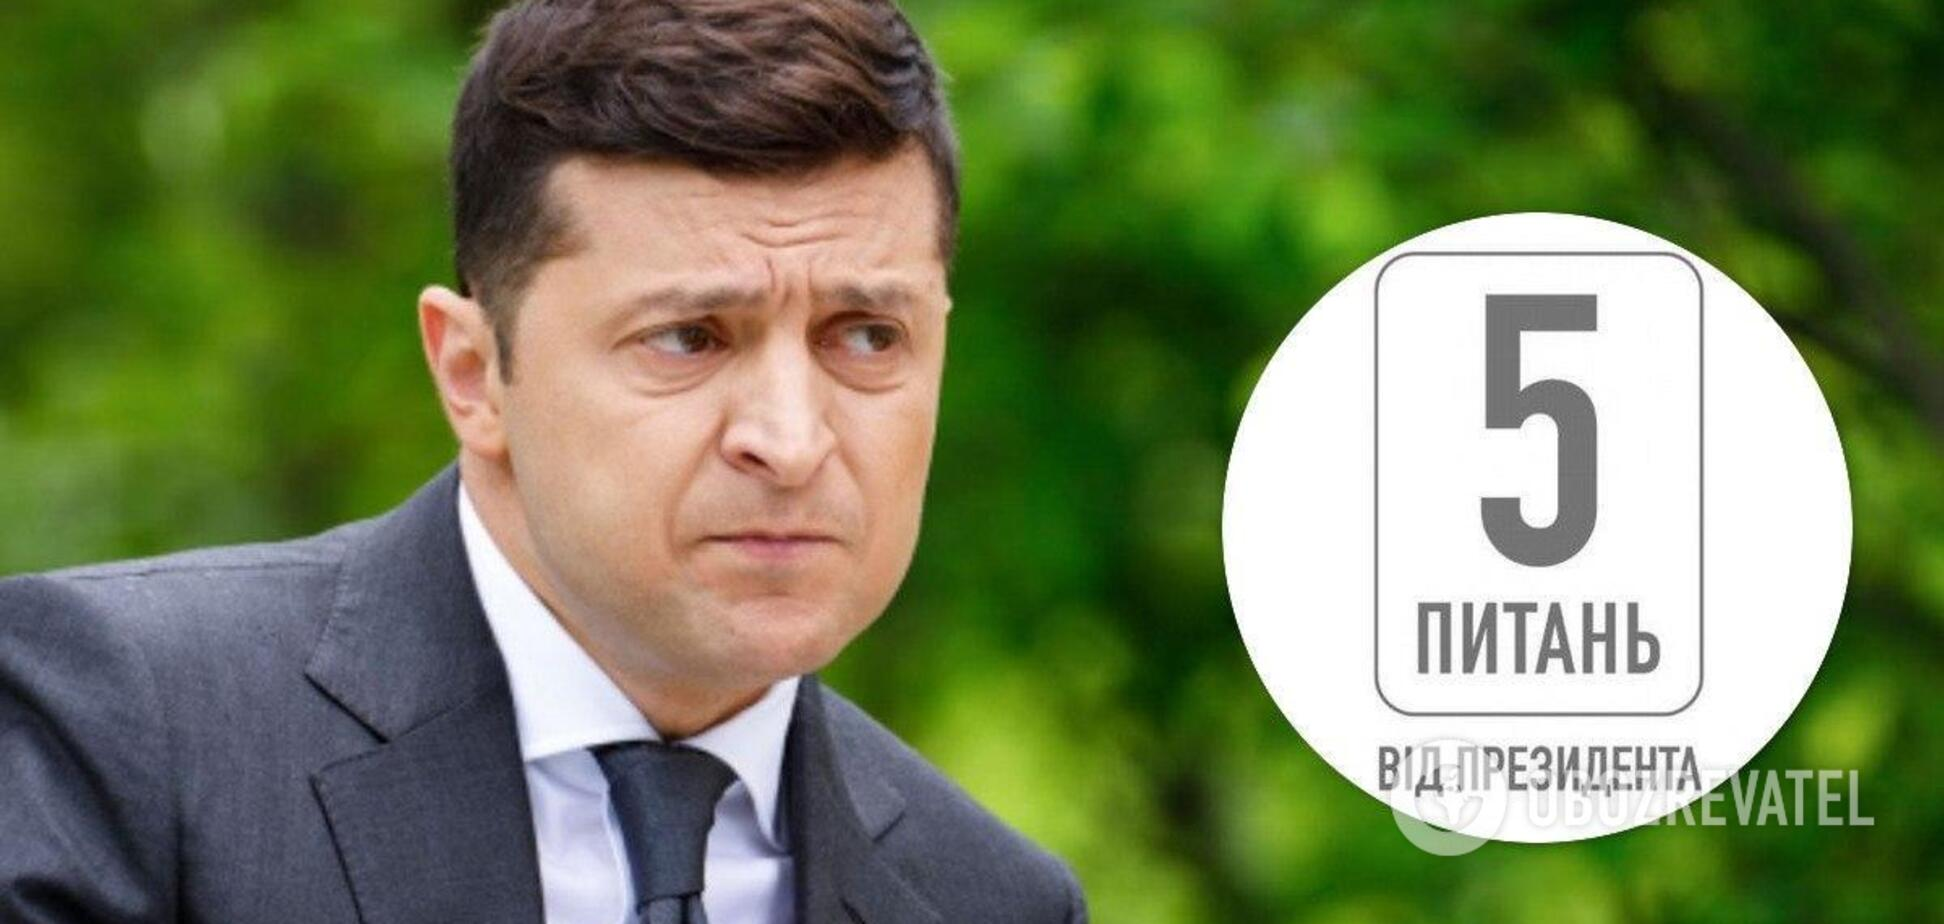 Опрос Зеленского проведет частная фирма